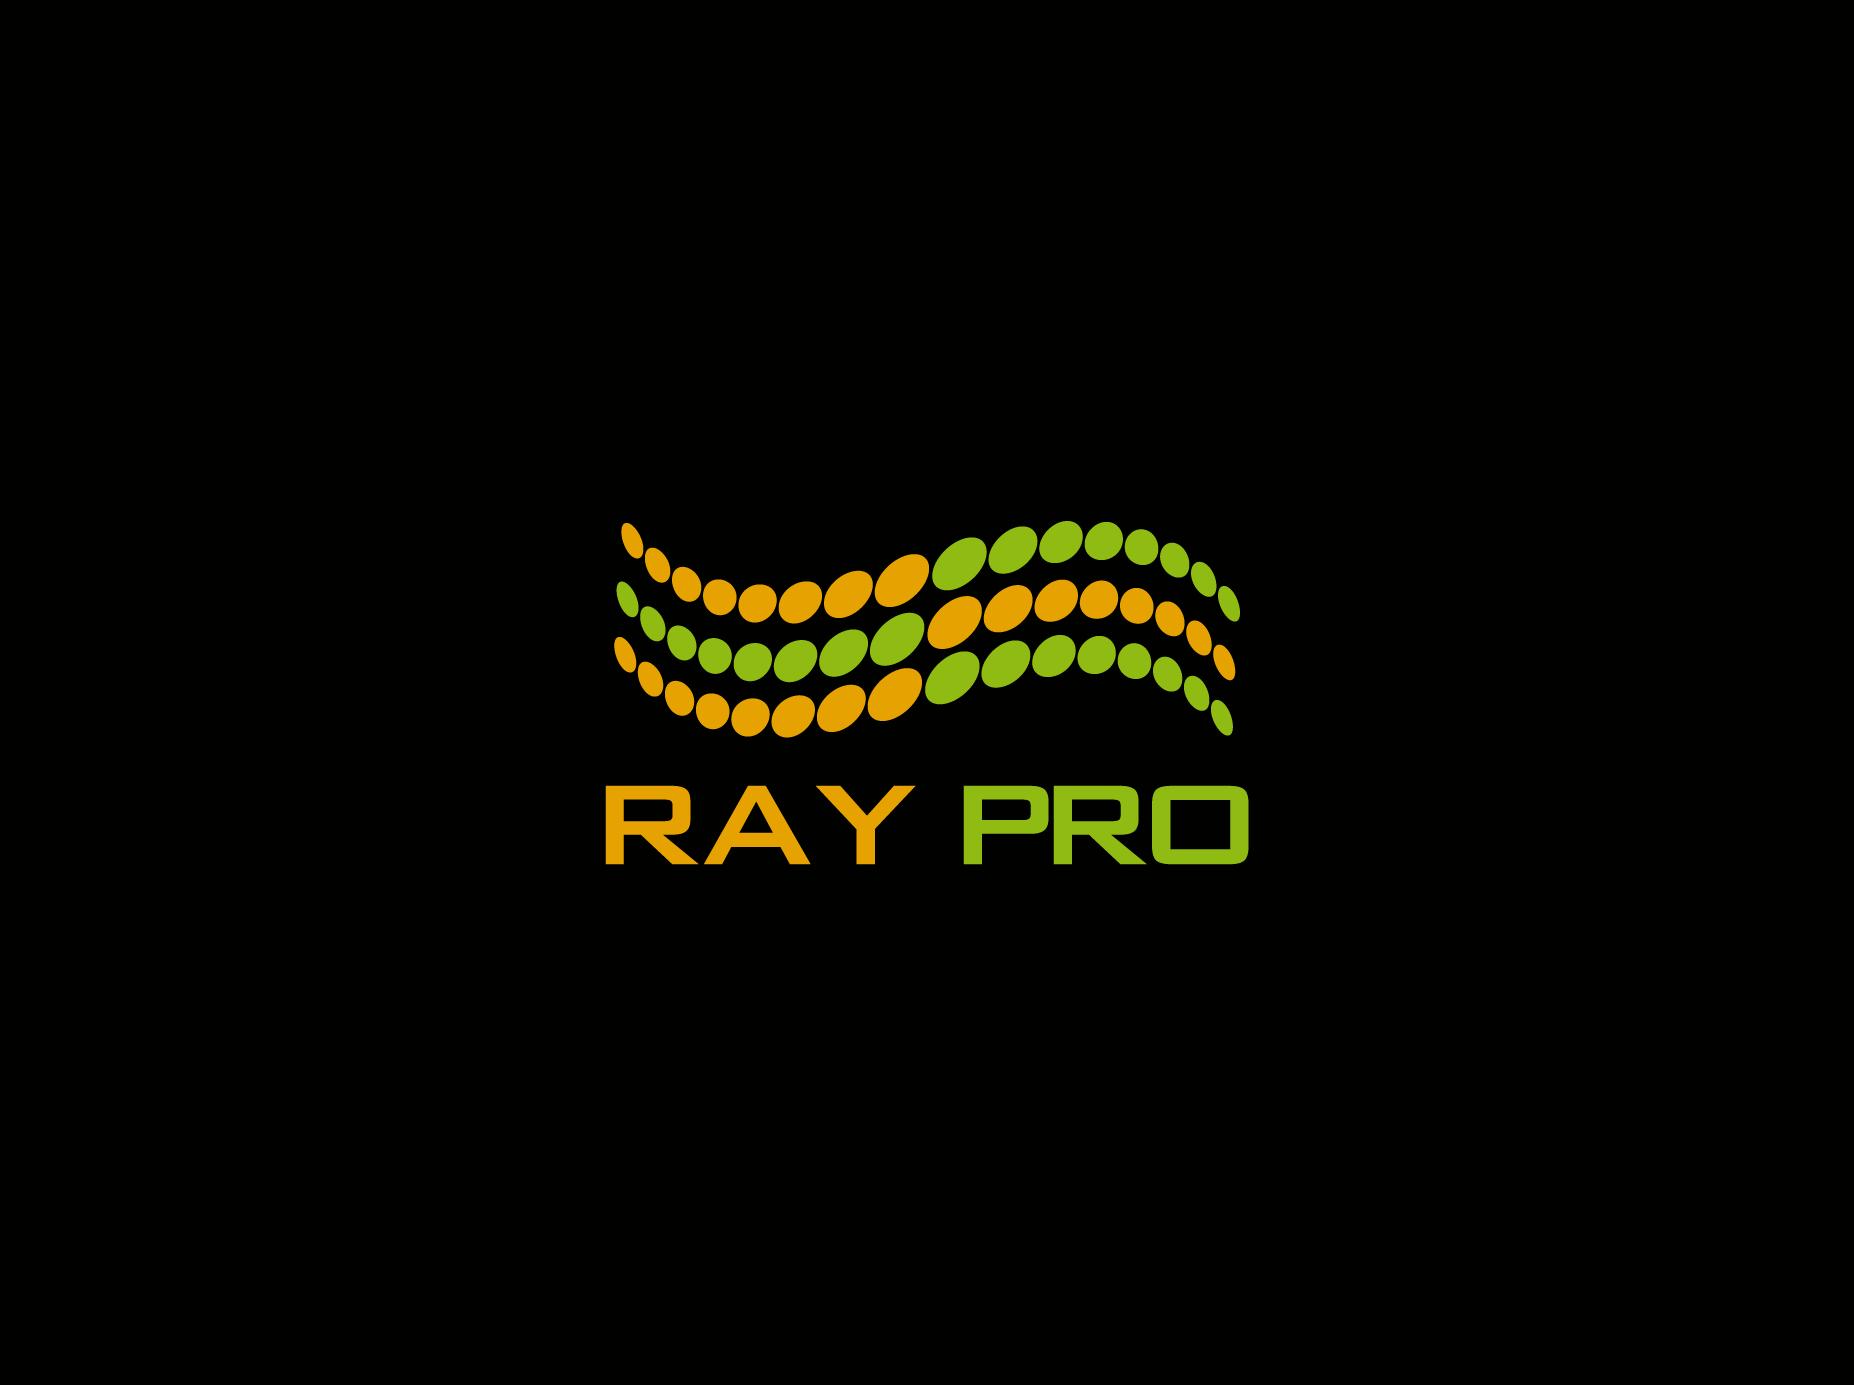 Разработка логотипа (продукт - светодиодная лента) фото f_1535bbe292f85741.png